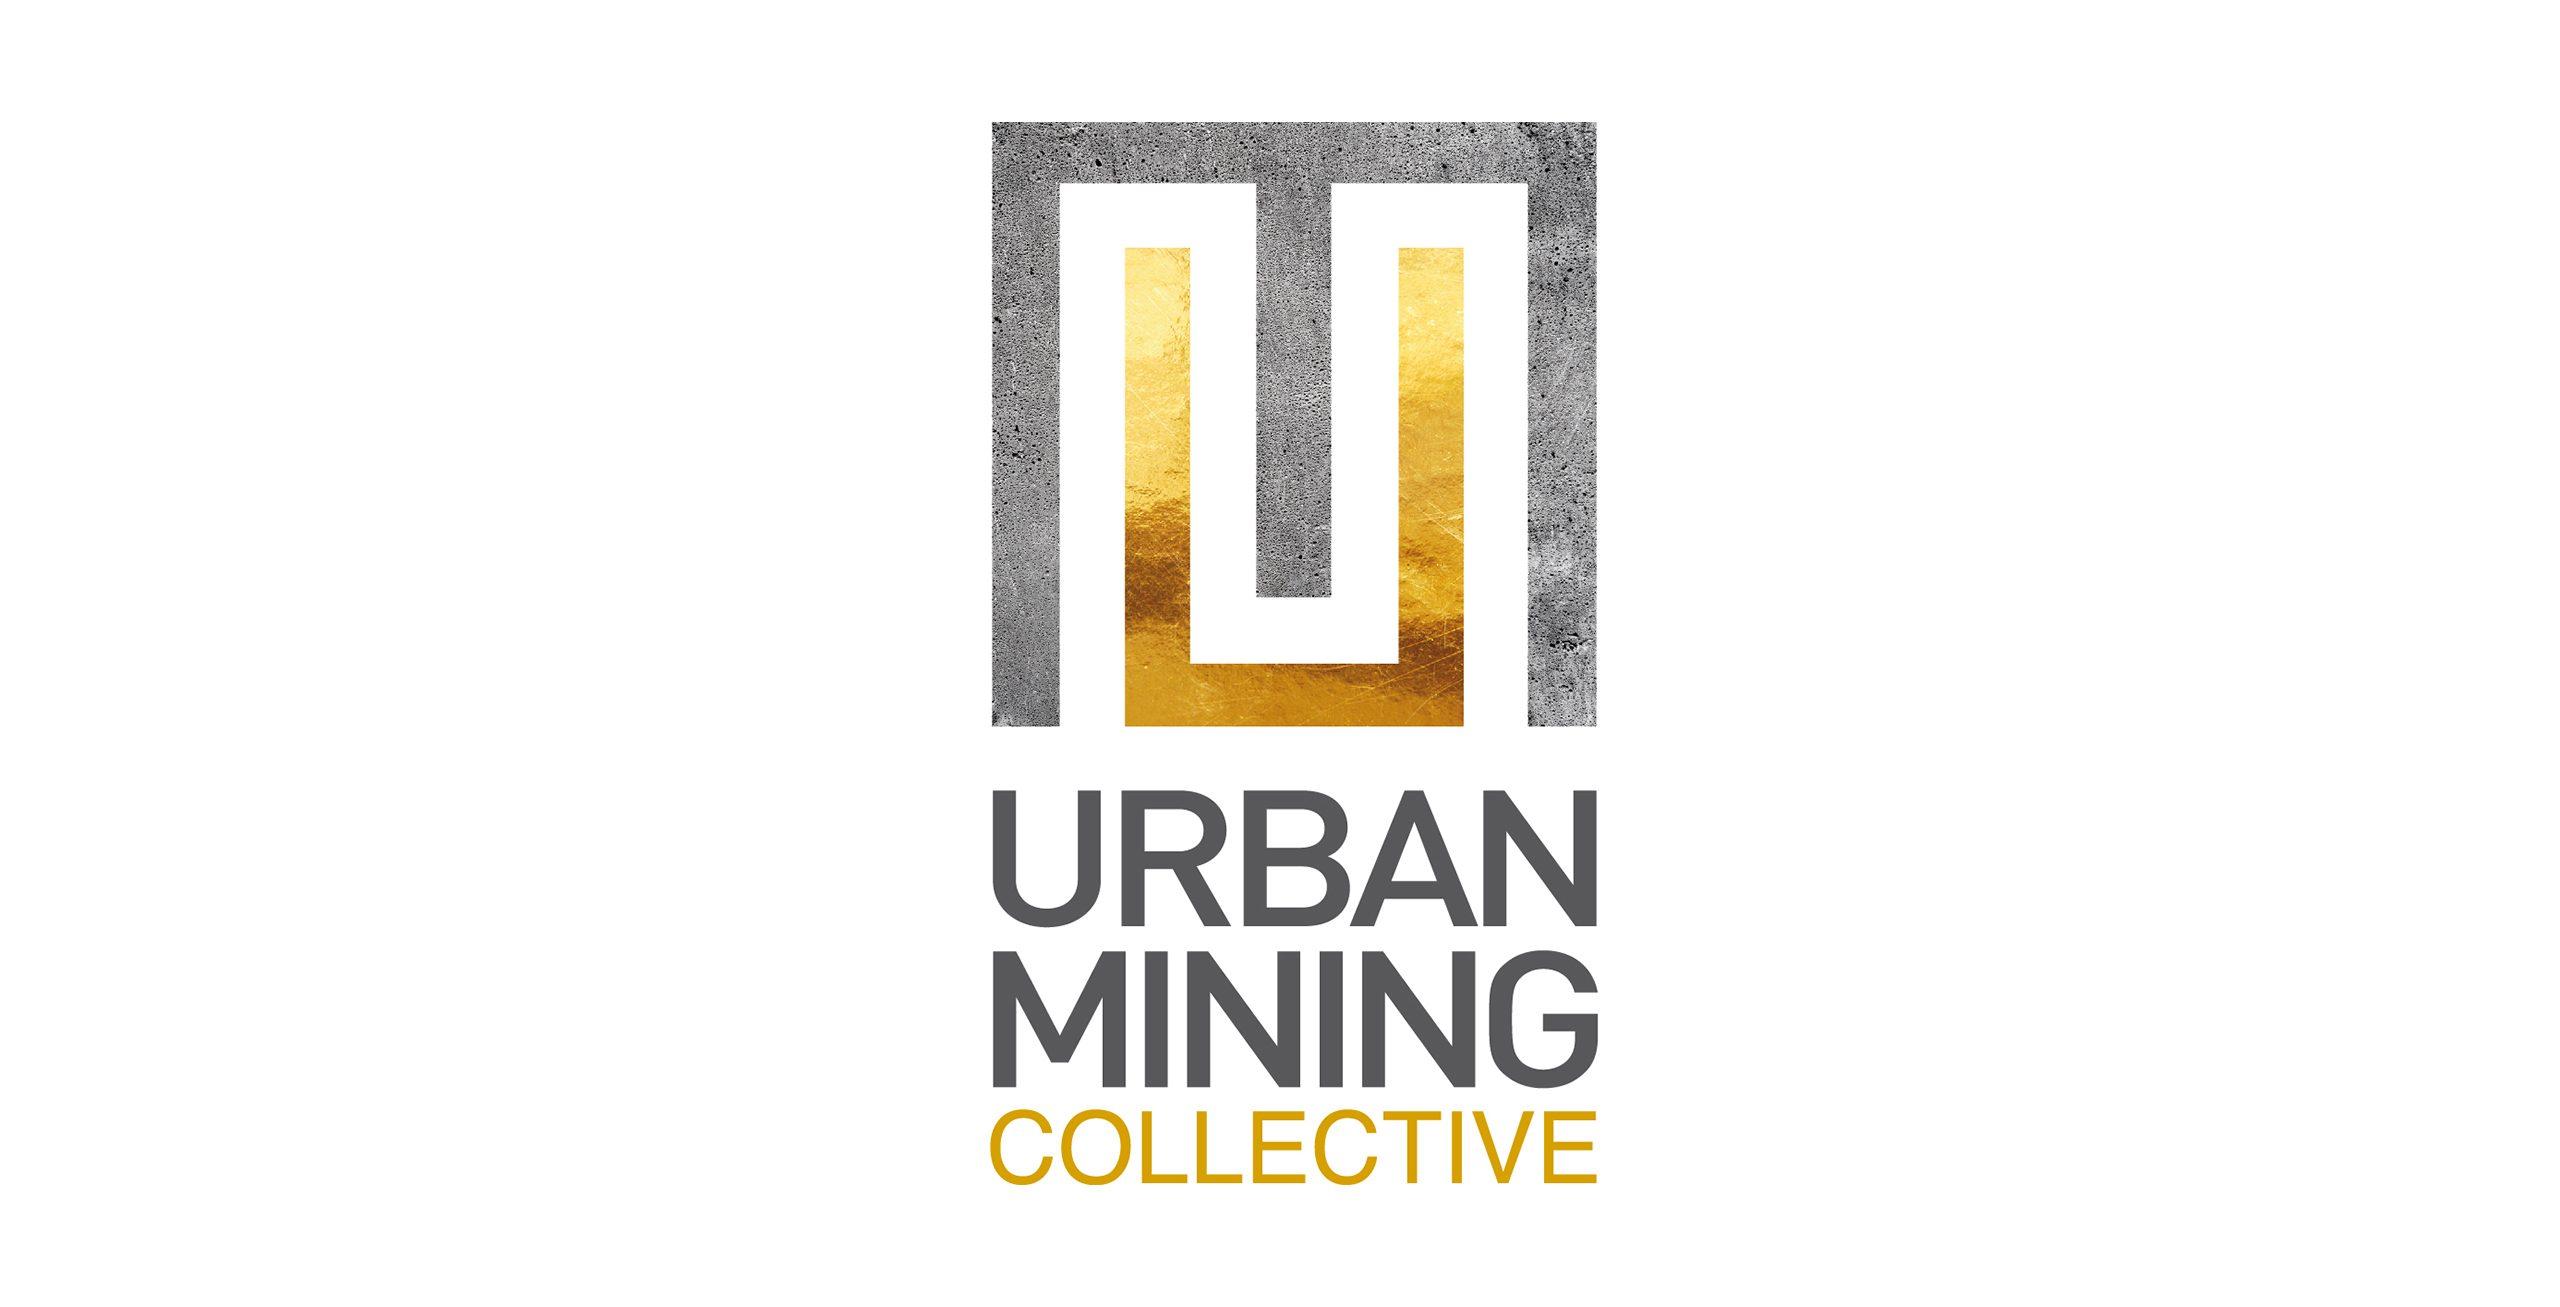 Urban-mining_logos-2560x1500